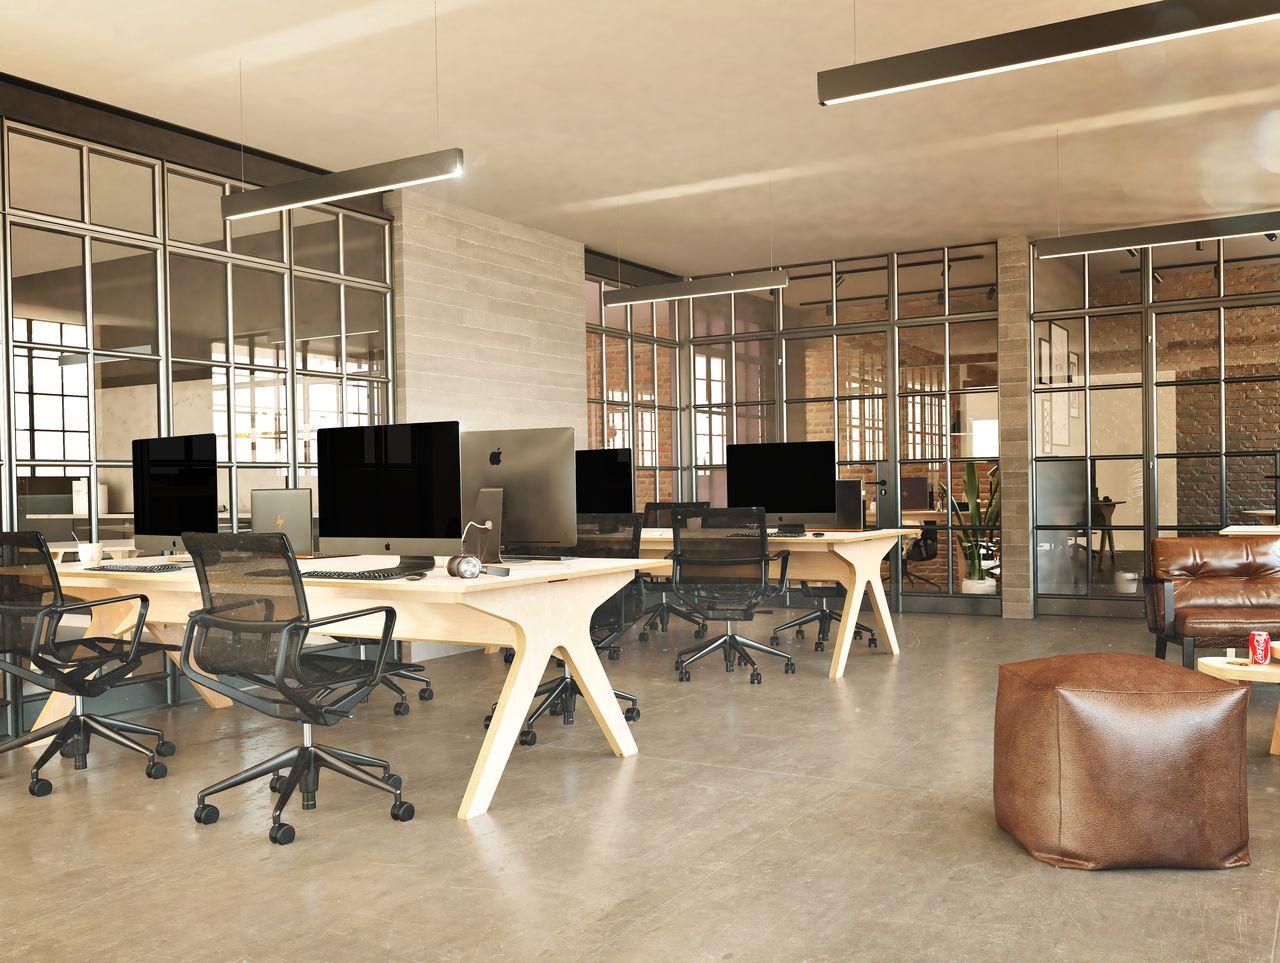 bureaux partagés en bois dans open space design avec verrière